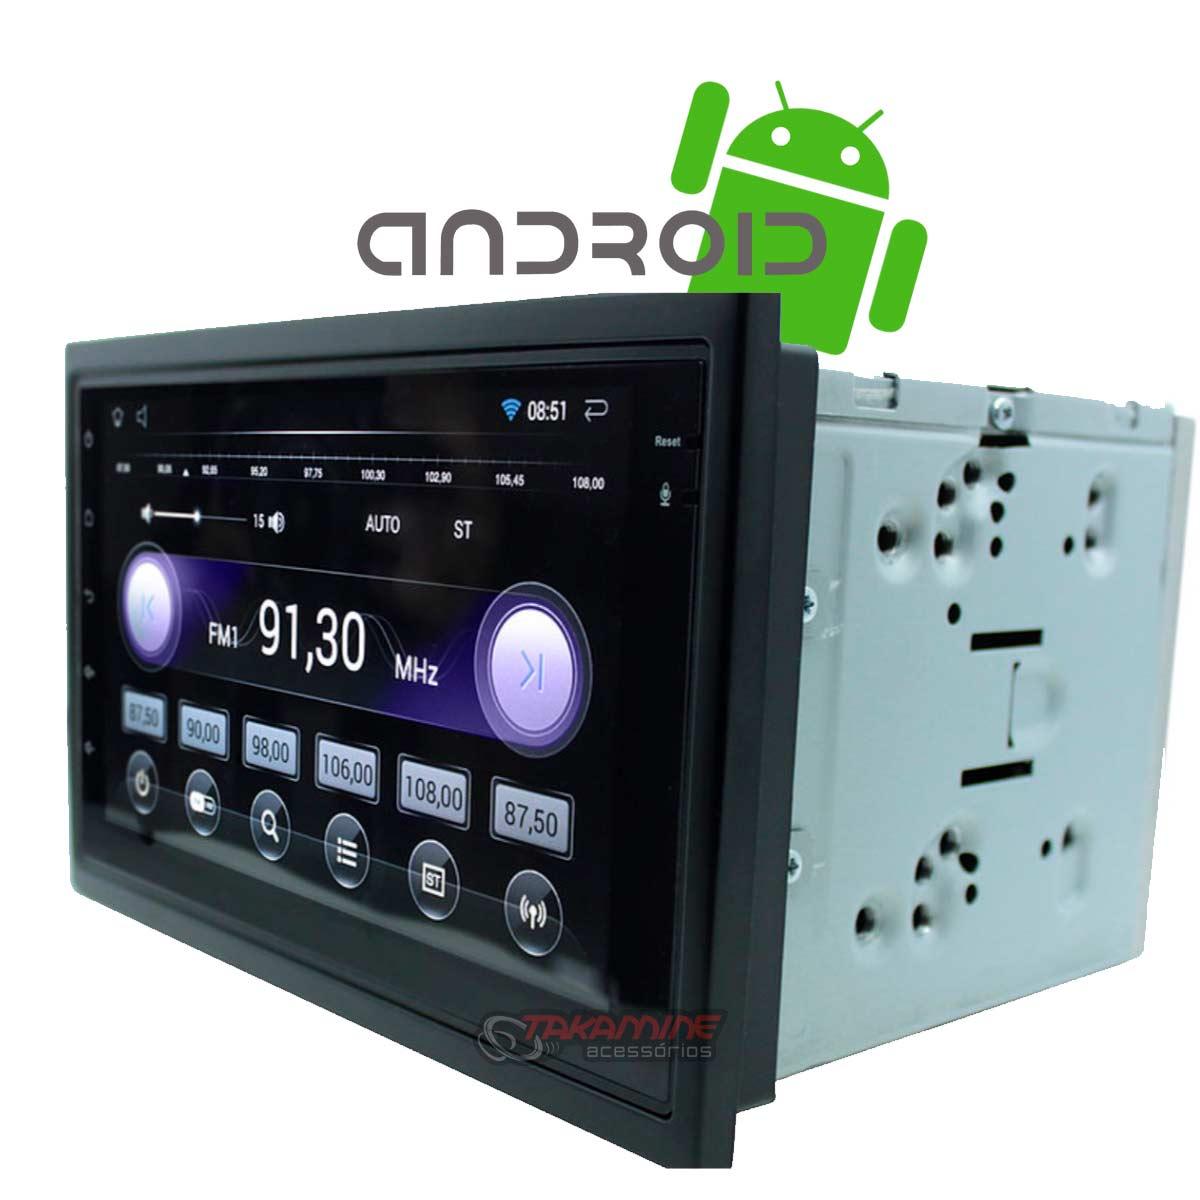 Aparelho 2 Din UBER com Bluetooth, Espelhamento, Entrada USB, Wifi, e 16GB memória